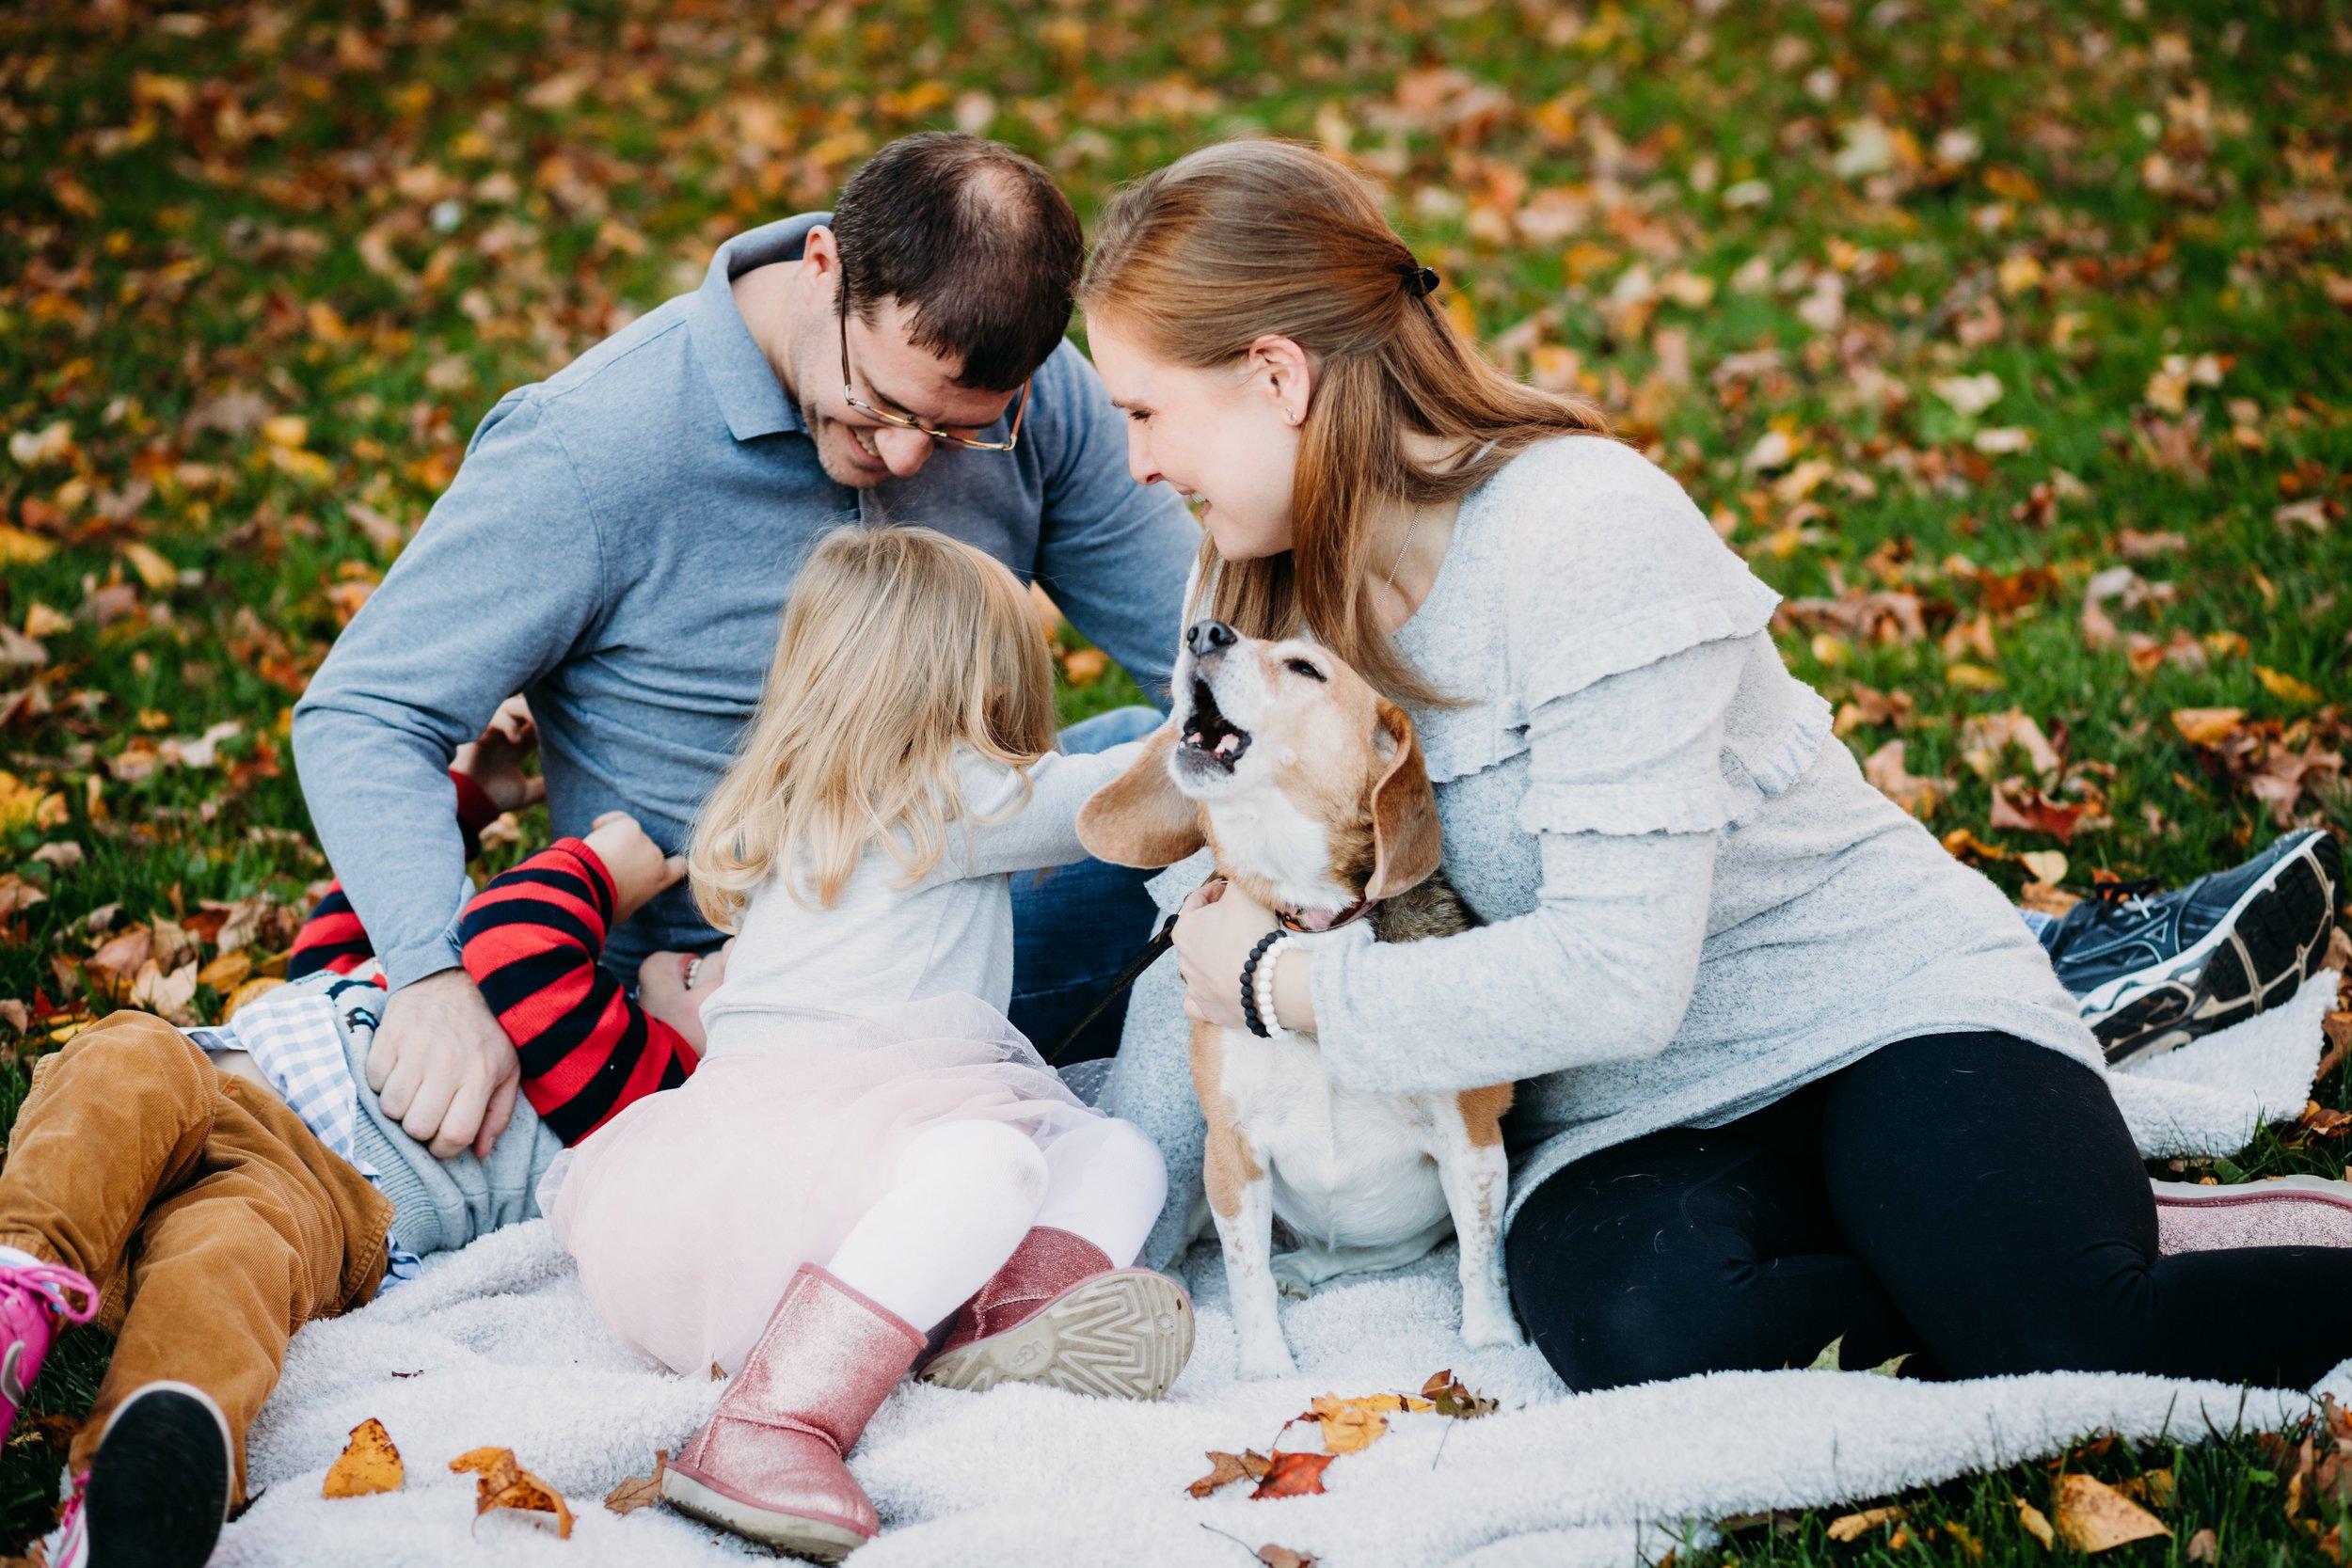 Radnor Family Photographer _ Desiree Hoelzle Photography